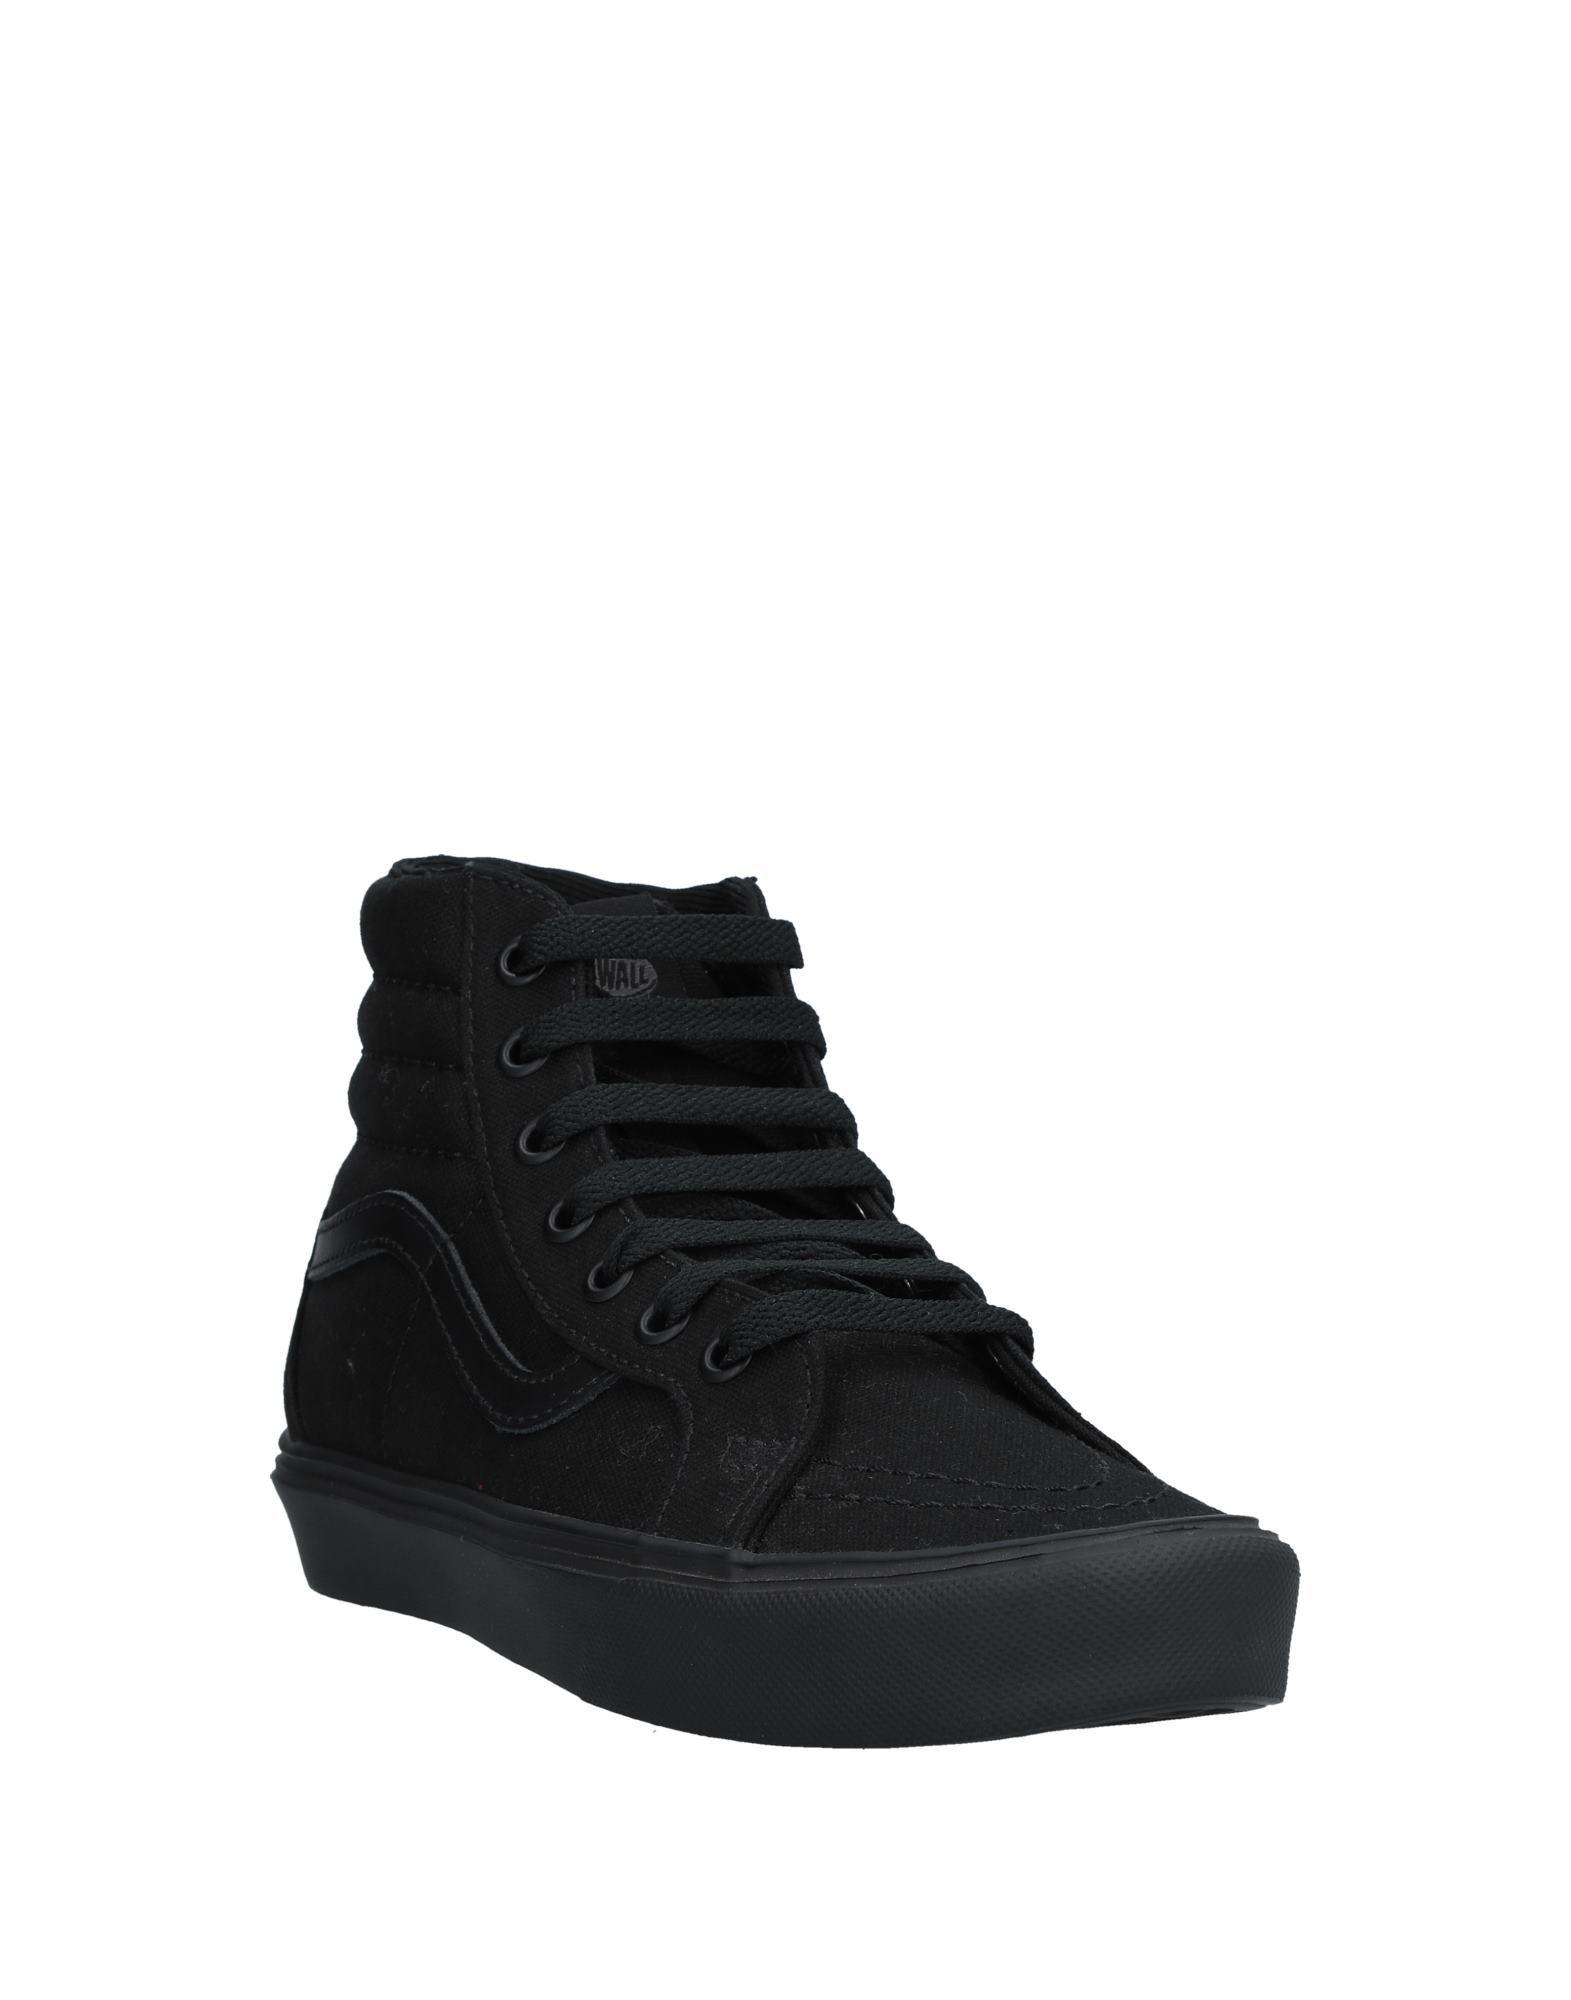 Vans Sneakers Qualität Damen  11497591SR Gute Qualität Sneakers beliebte Schuhe f9153b